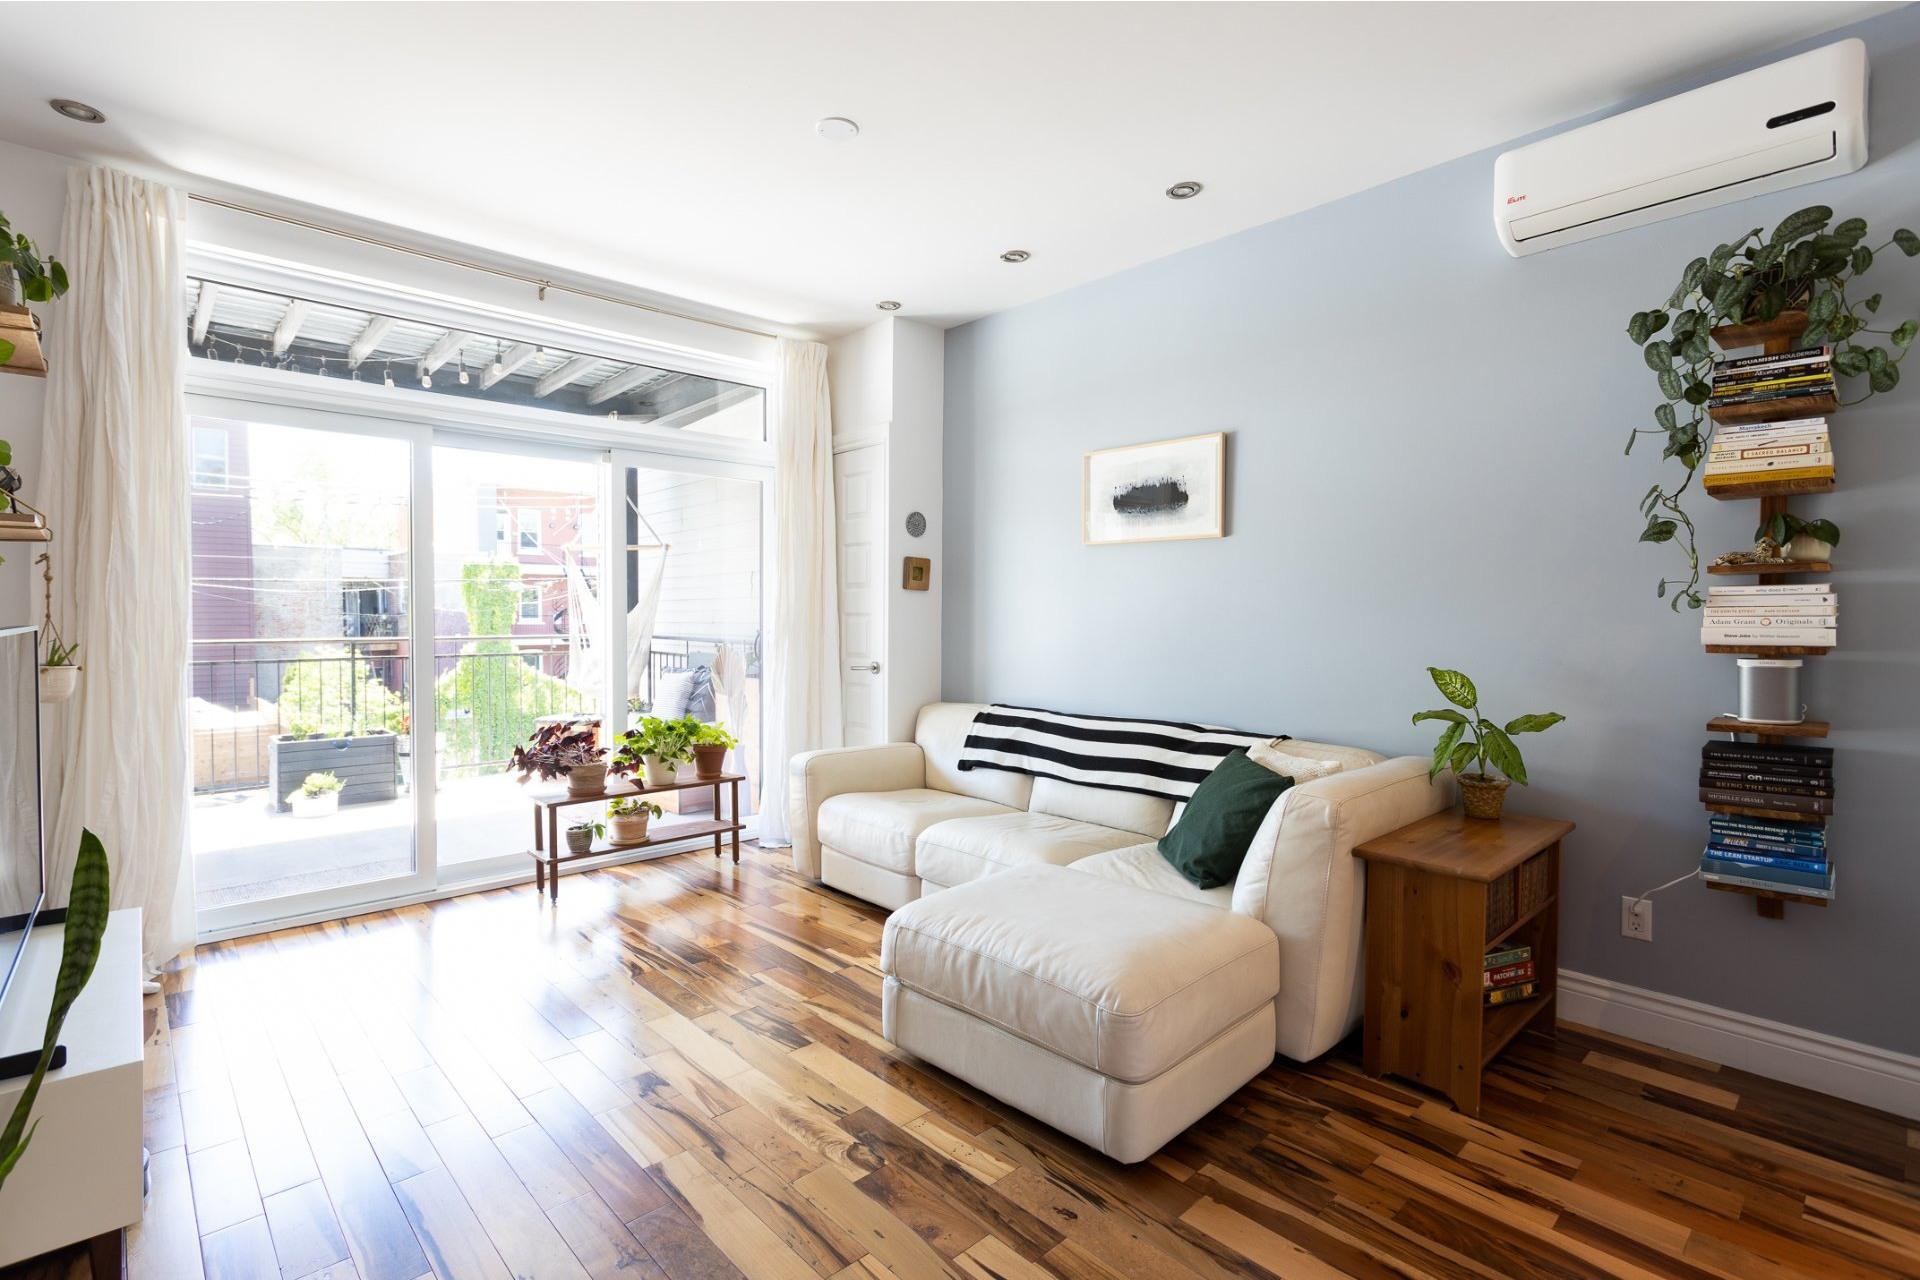 image 7 - Appartement À vendre Mercier/Hochelaga-Maisonneuve Montréal  - 4 pièces